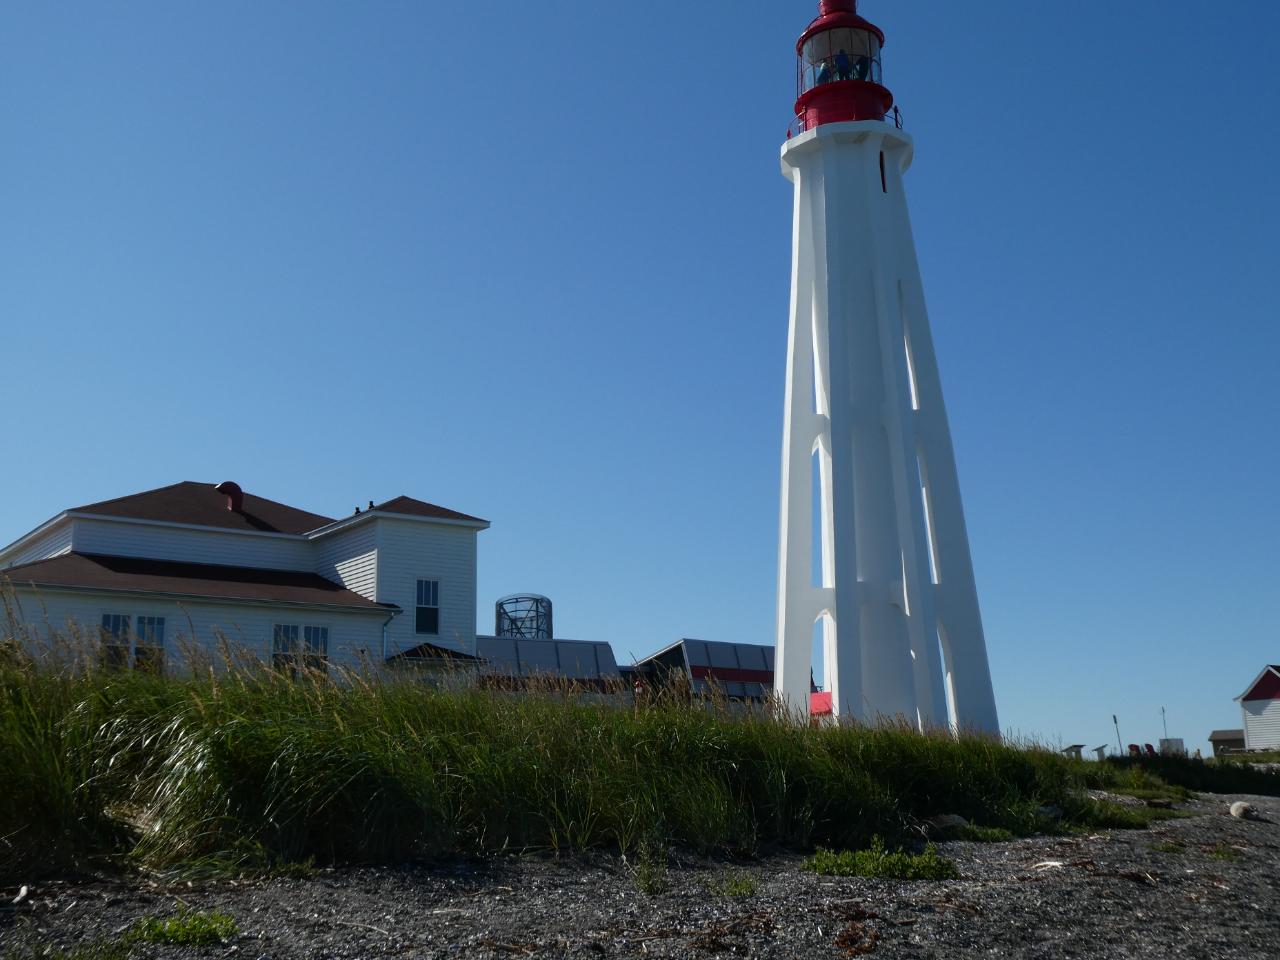 Photo 2: Bonjour la Gaspésie et Rimouski, Canada